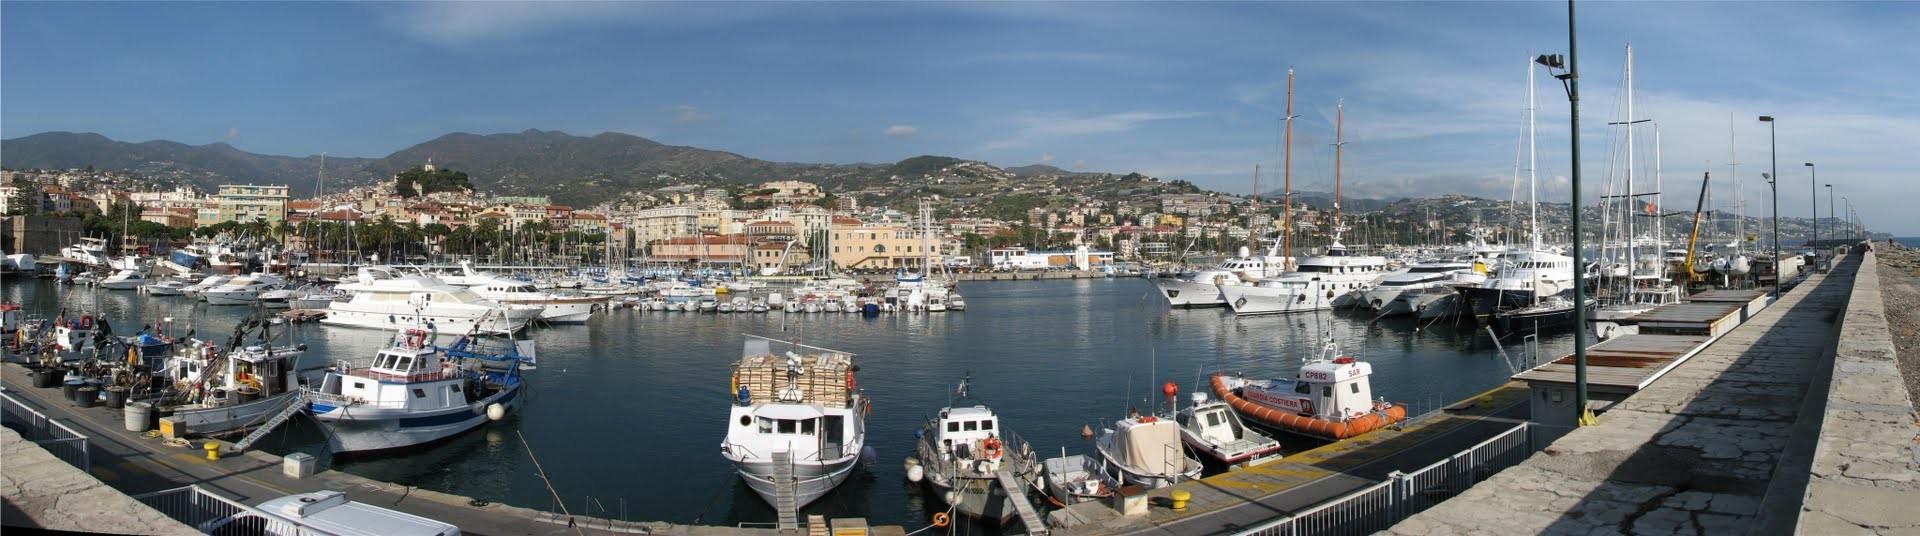 Sanremo, přístav a lodě všech velikostí jsou cílem mnoha turistů